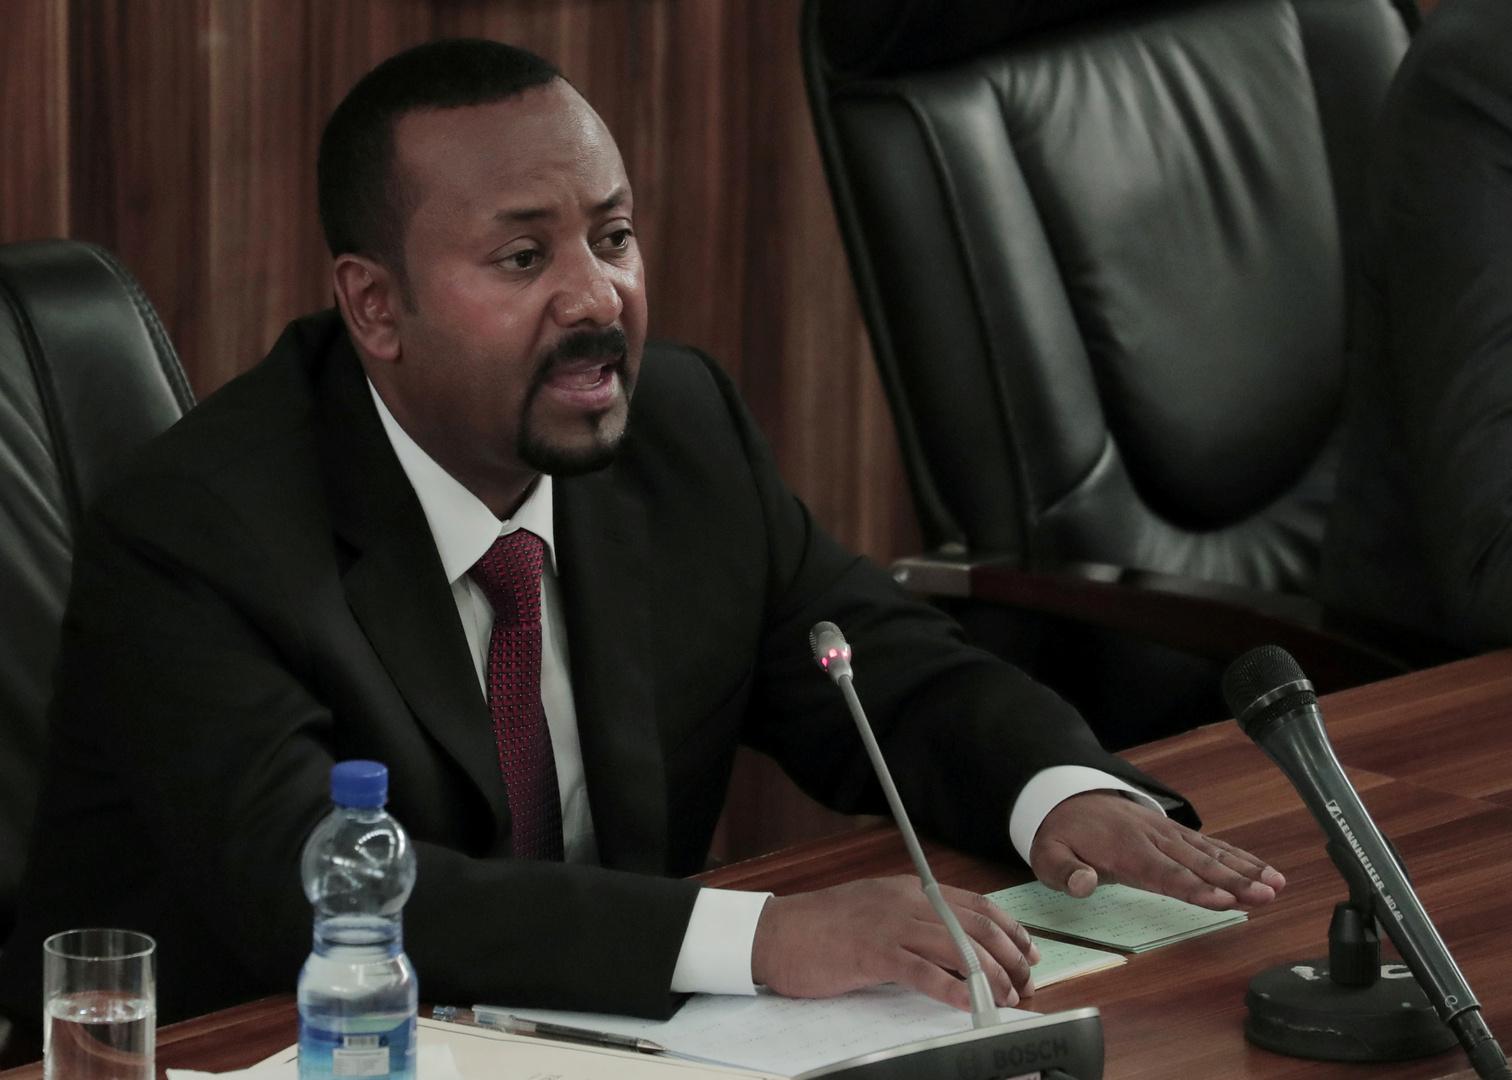 رئيس الوزراء الإثيوبي: اجتماع الاتحاد الإفريقي حول سد النهضة مع السودان ومصر